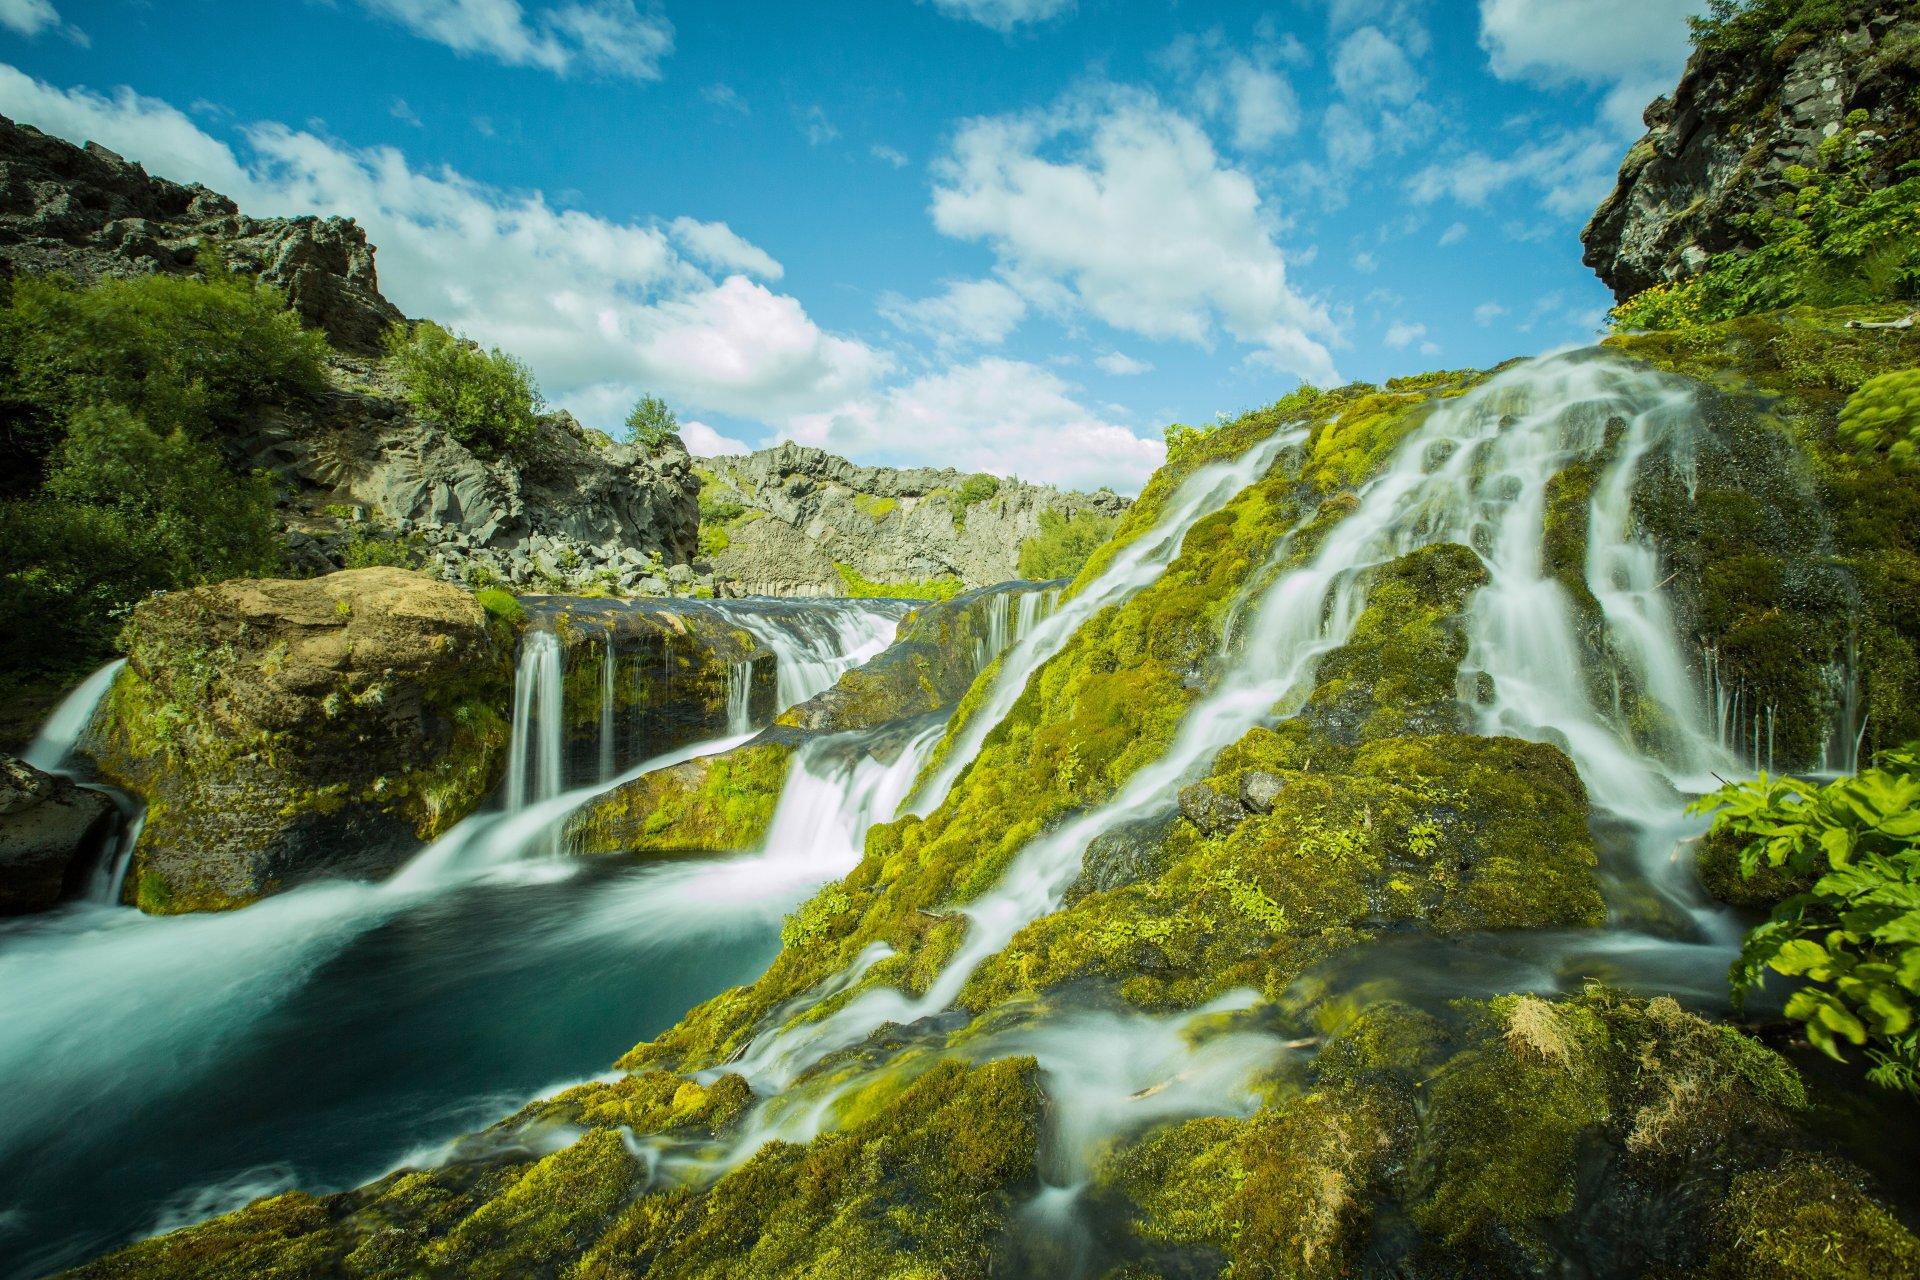 vodopad-v-gorah